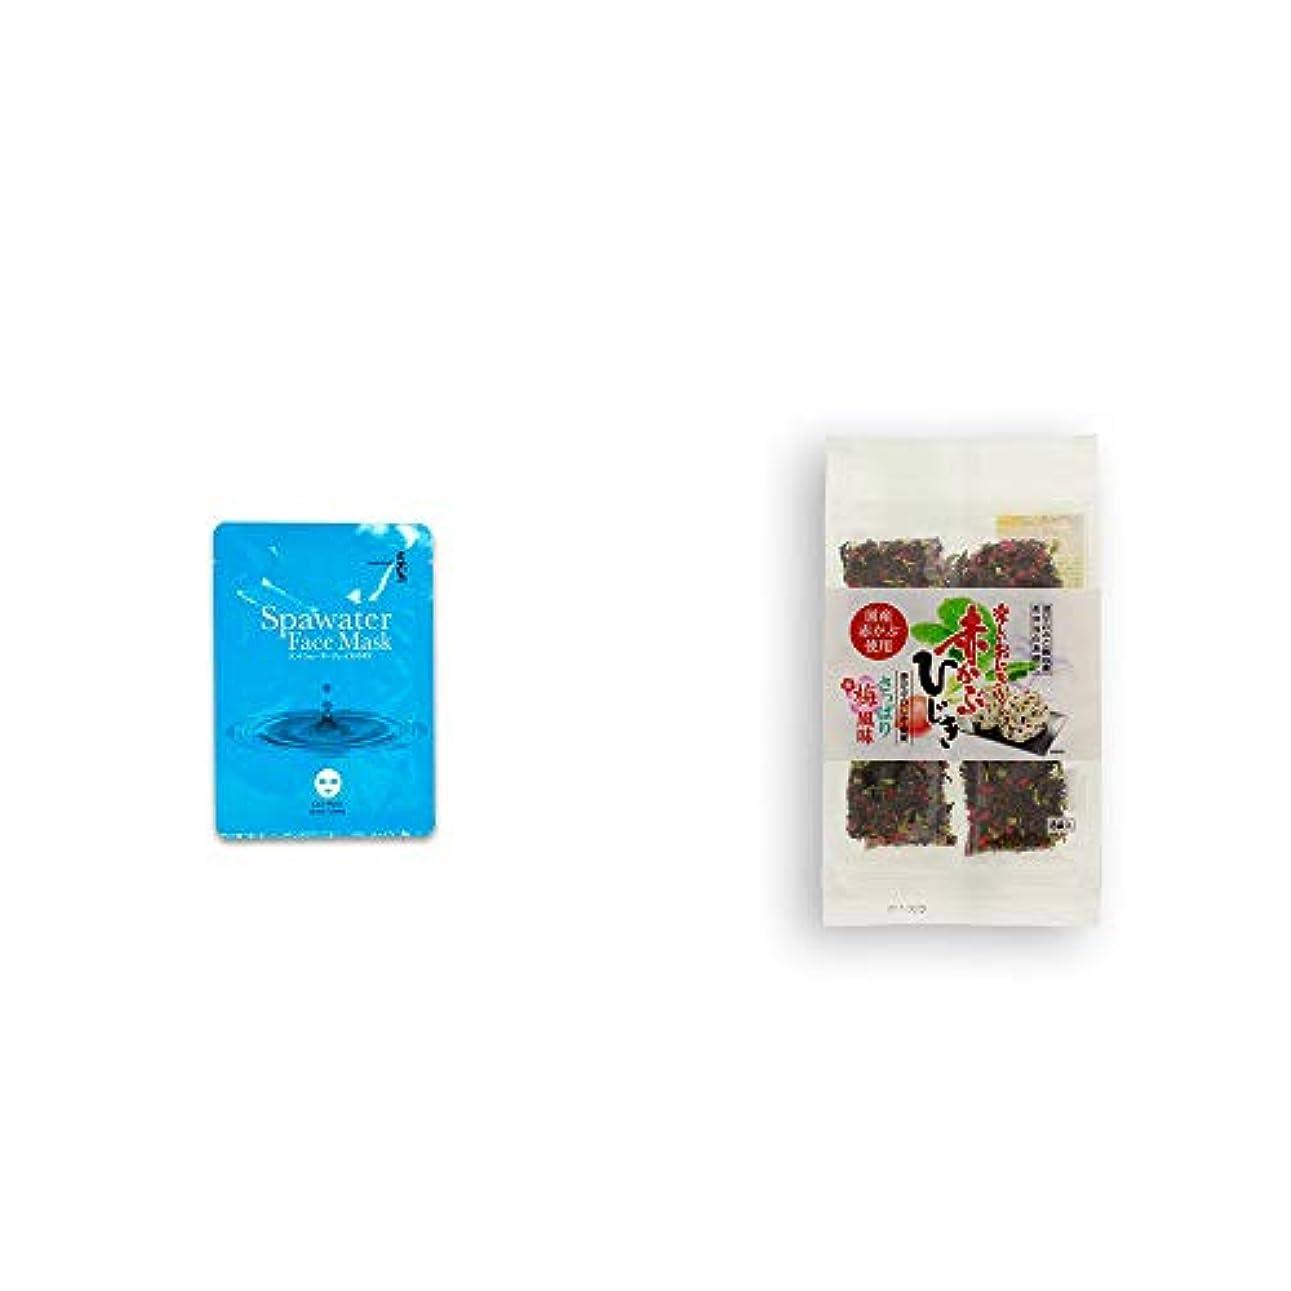 パレード繕う近代化[2点セット] ひのき炭黒泉 スパウォーターフェイスマスク(18ml×3枚入)?楽しいおにぎり 赤かぶひじき(8g×8袋)